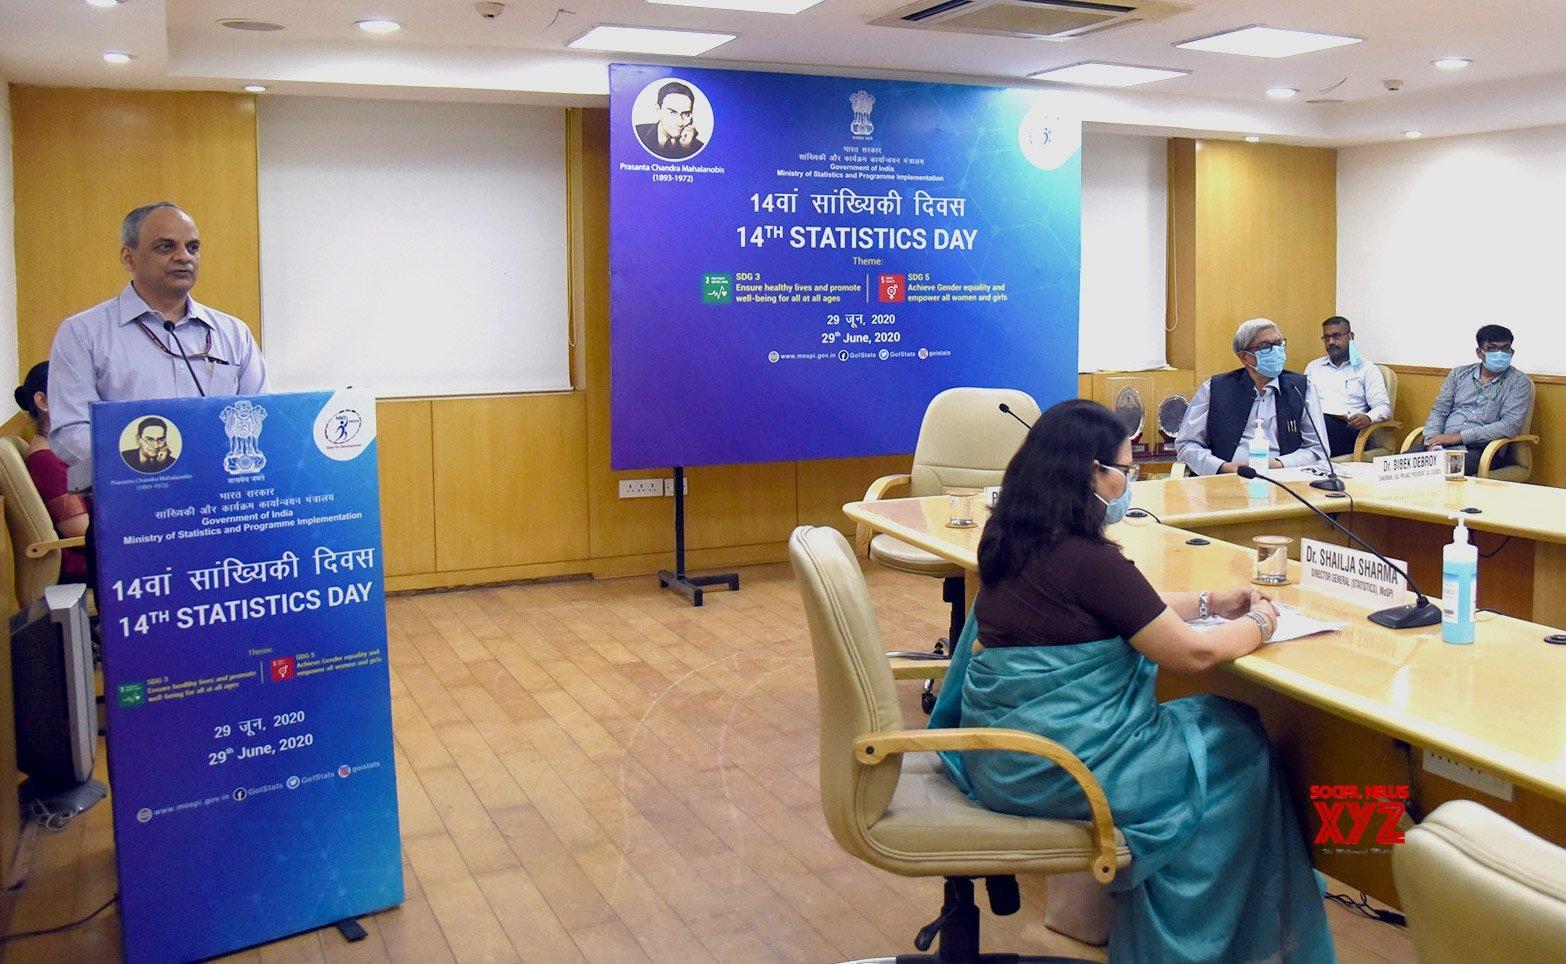 New Delhi: Webinar organised on 14th Statistics Day - 2020 #Gallery